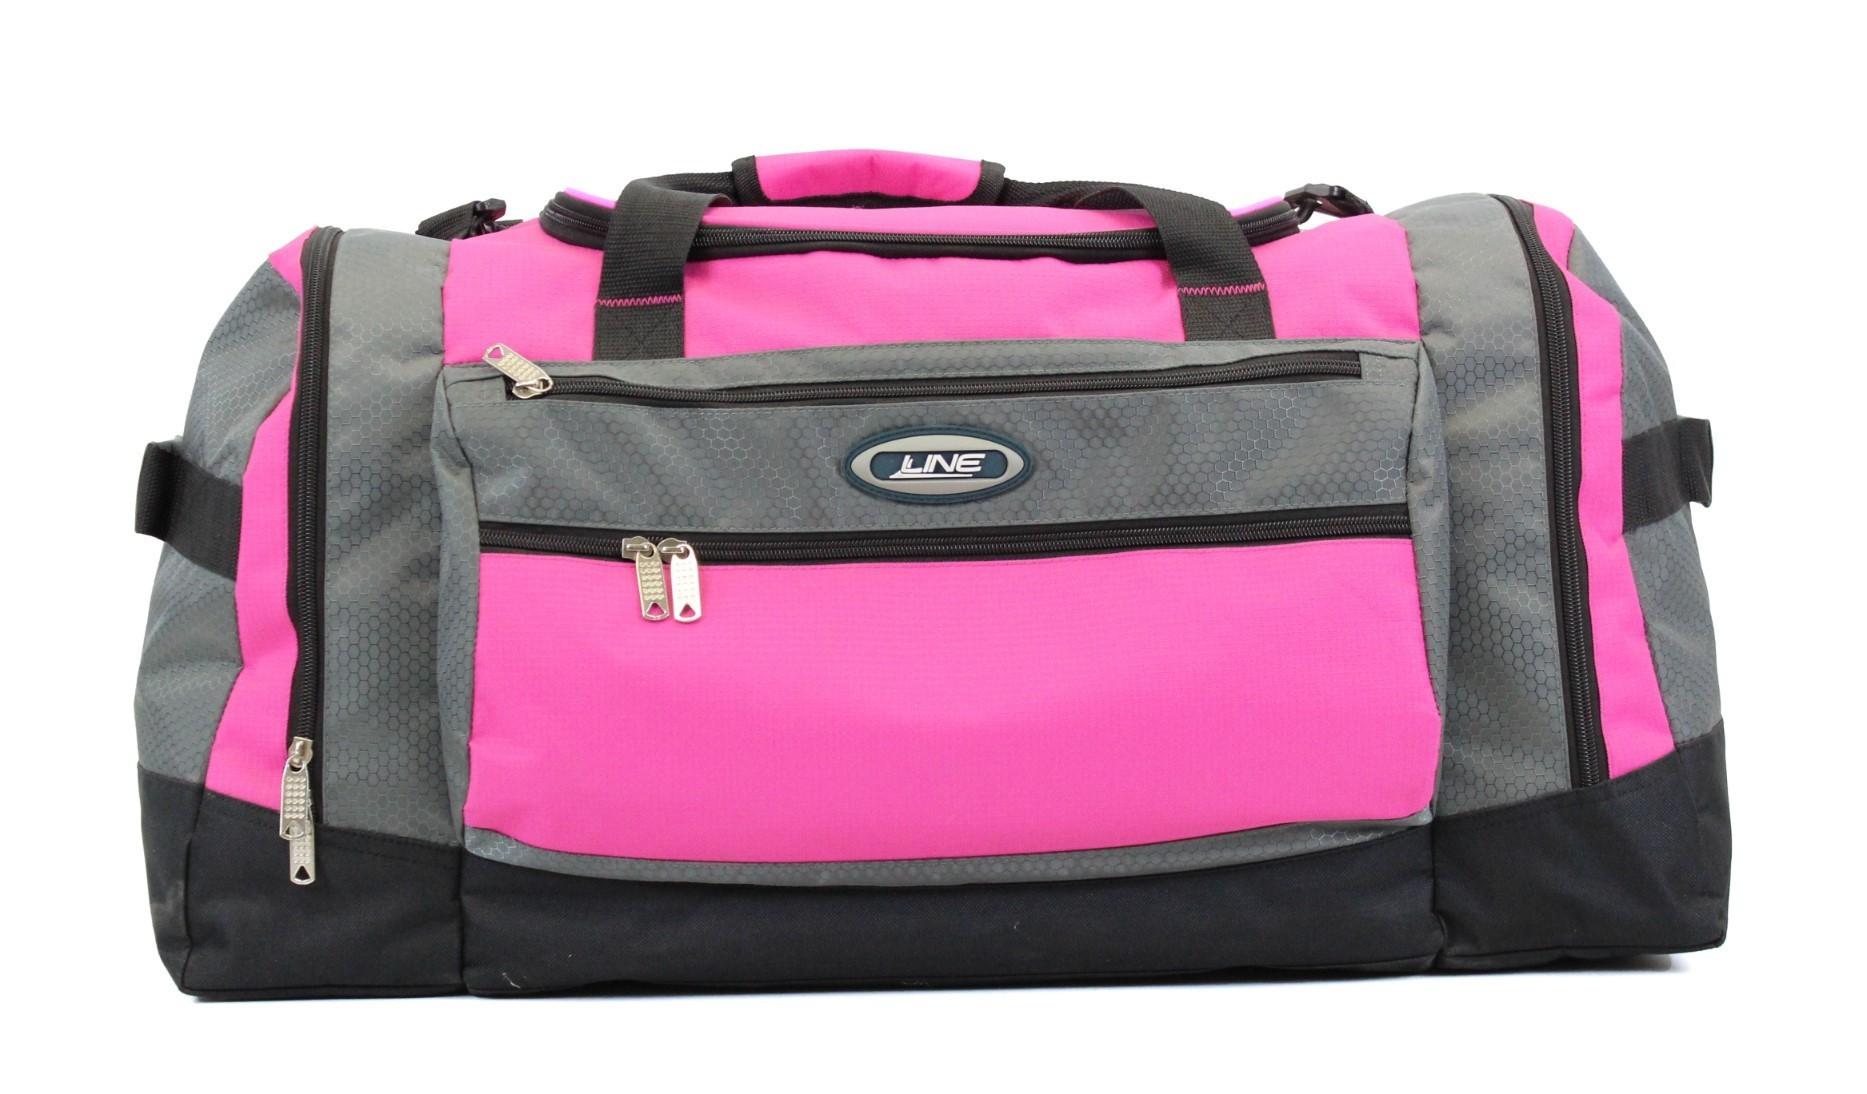 Line Travel Darius Weekend/Sporttas Grey/Pink